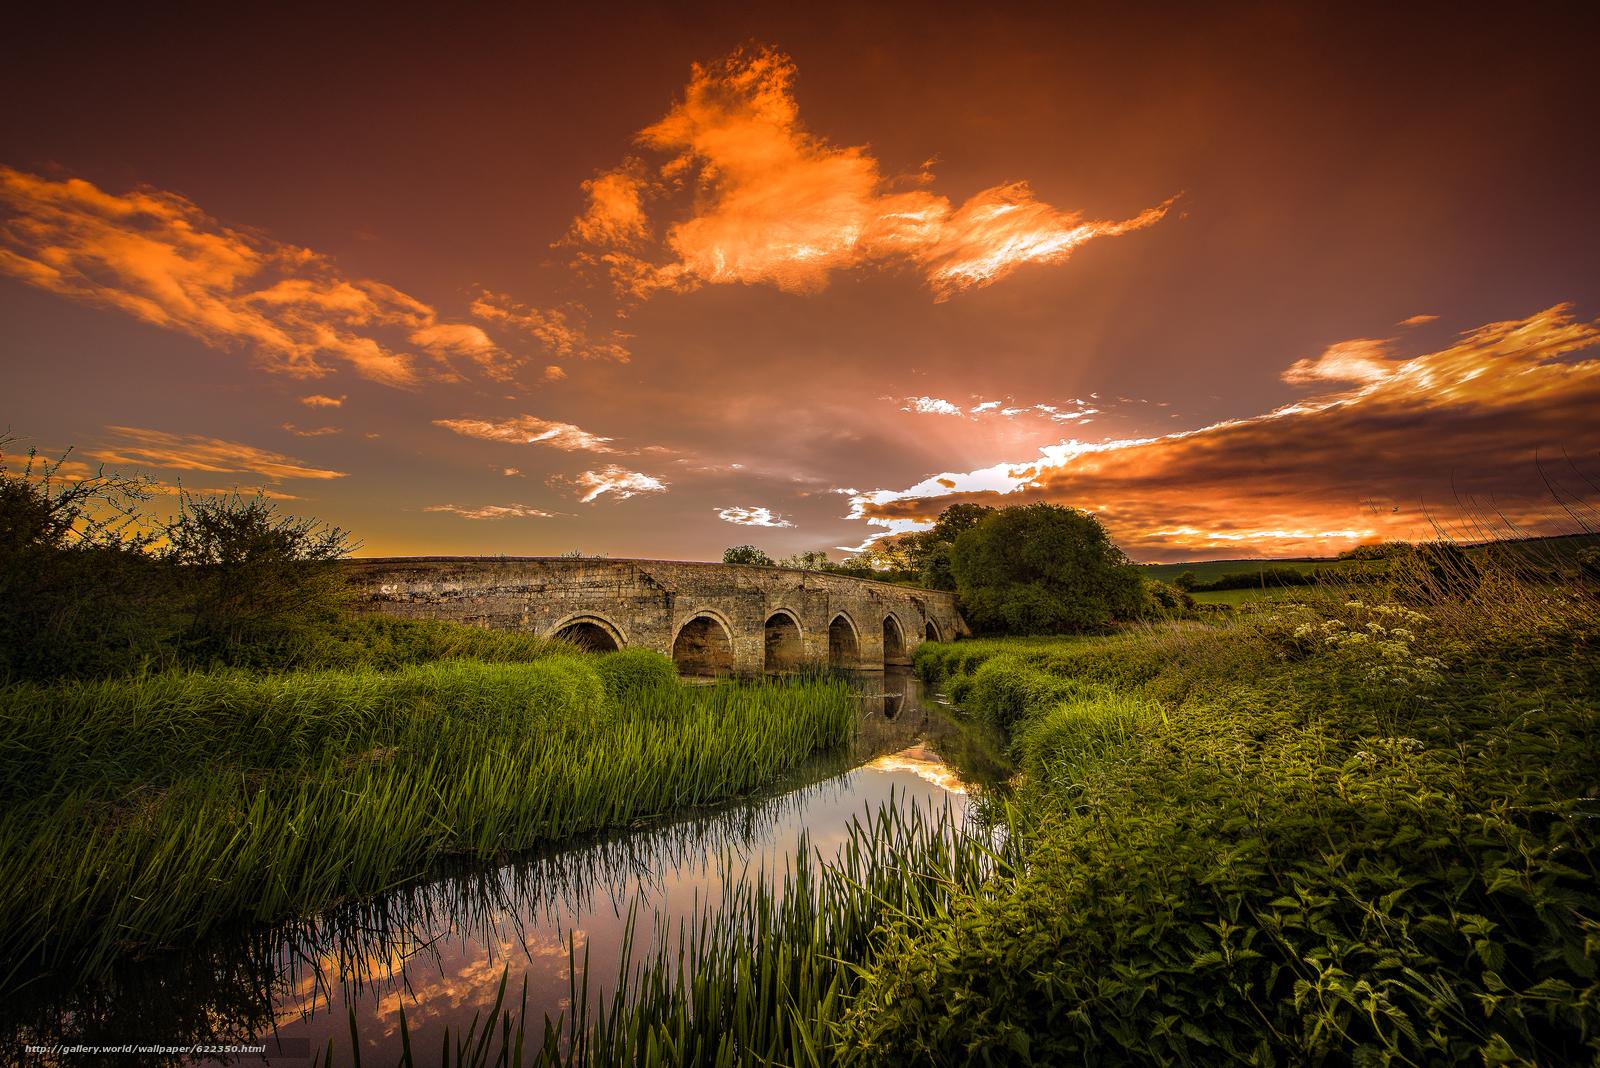 Скачать обои закат,  речка,  мост,  деревья бесплатно для рабочего стола в разрешении 6792x4533 — картинка №622350